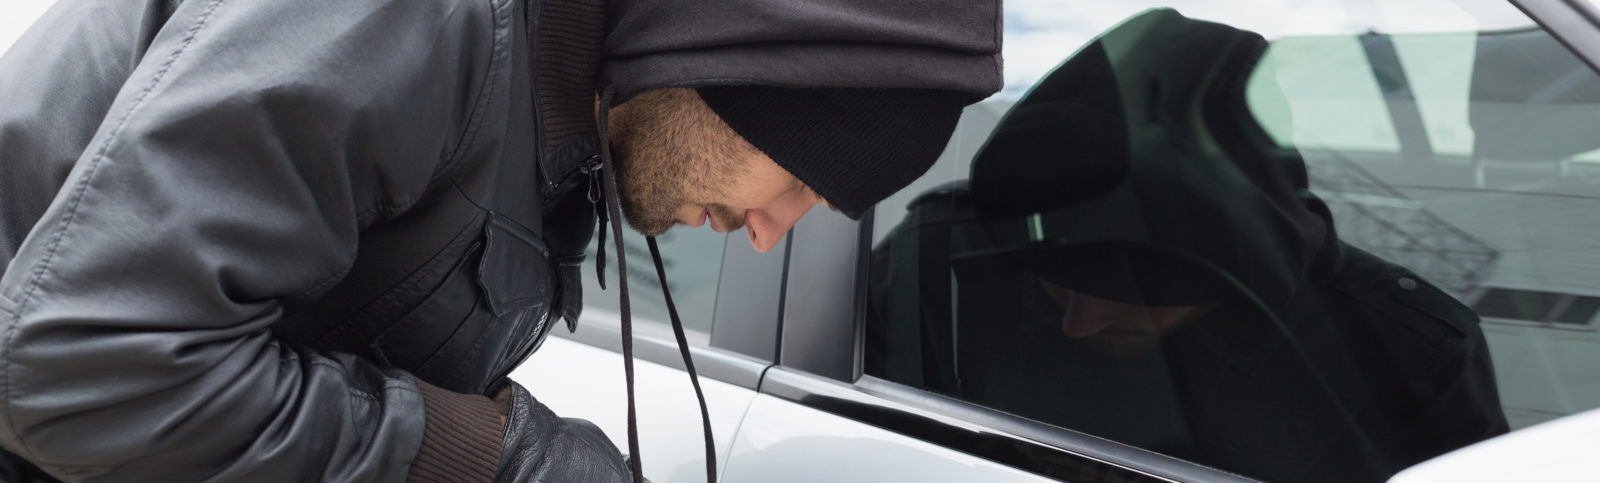 99563 1600x483 - Mit Fahrzeug Motor-Stopp haben Diebe keine Chancen